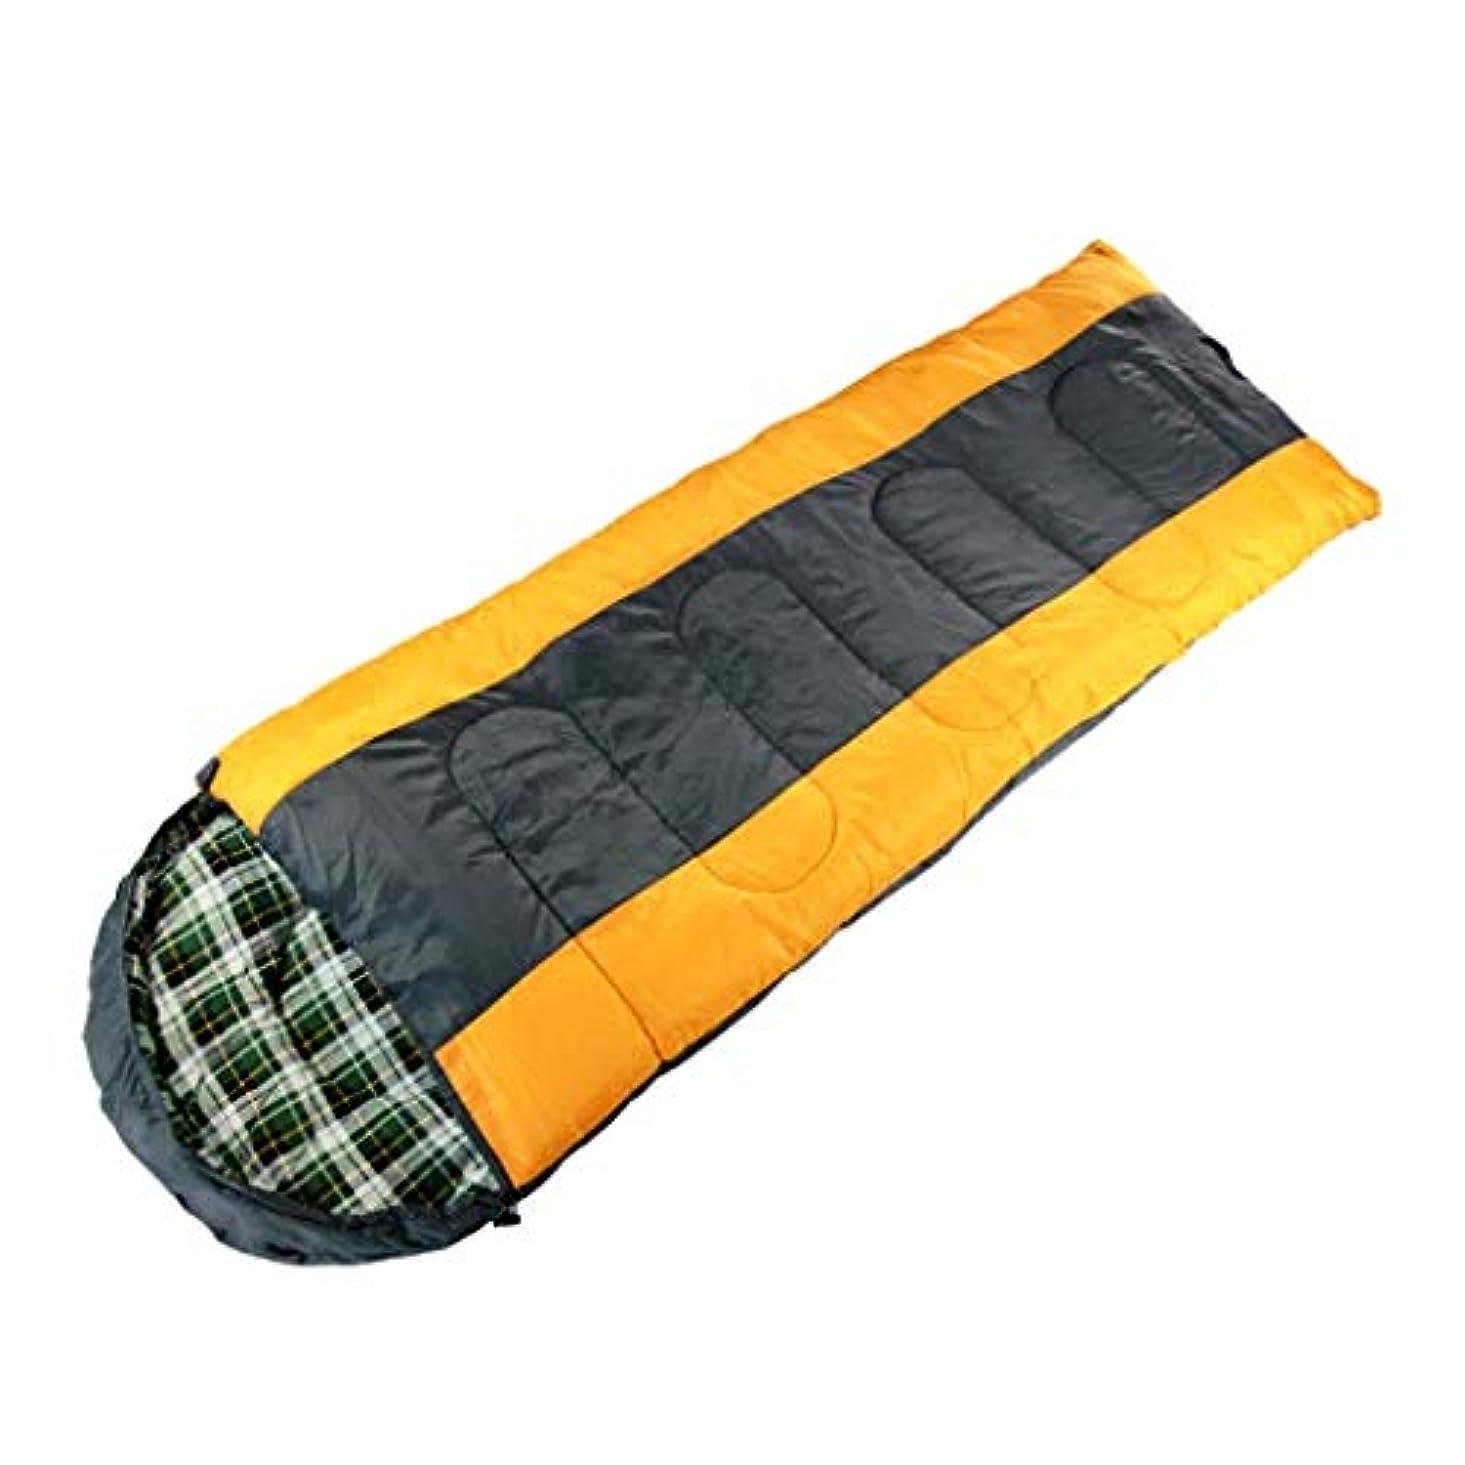 ちょうつがいカート必要としている軽量大人の寝袋フード付きキャンプ防水暖かい3-4シーズン寝台用旅行ハイキング屋内野外活動イエローグレー